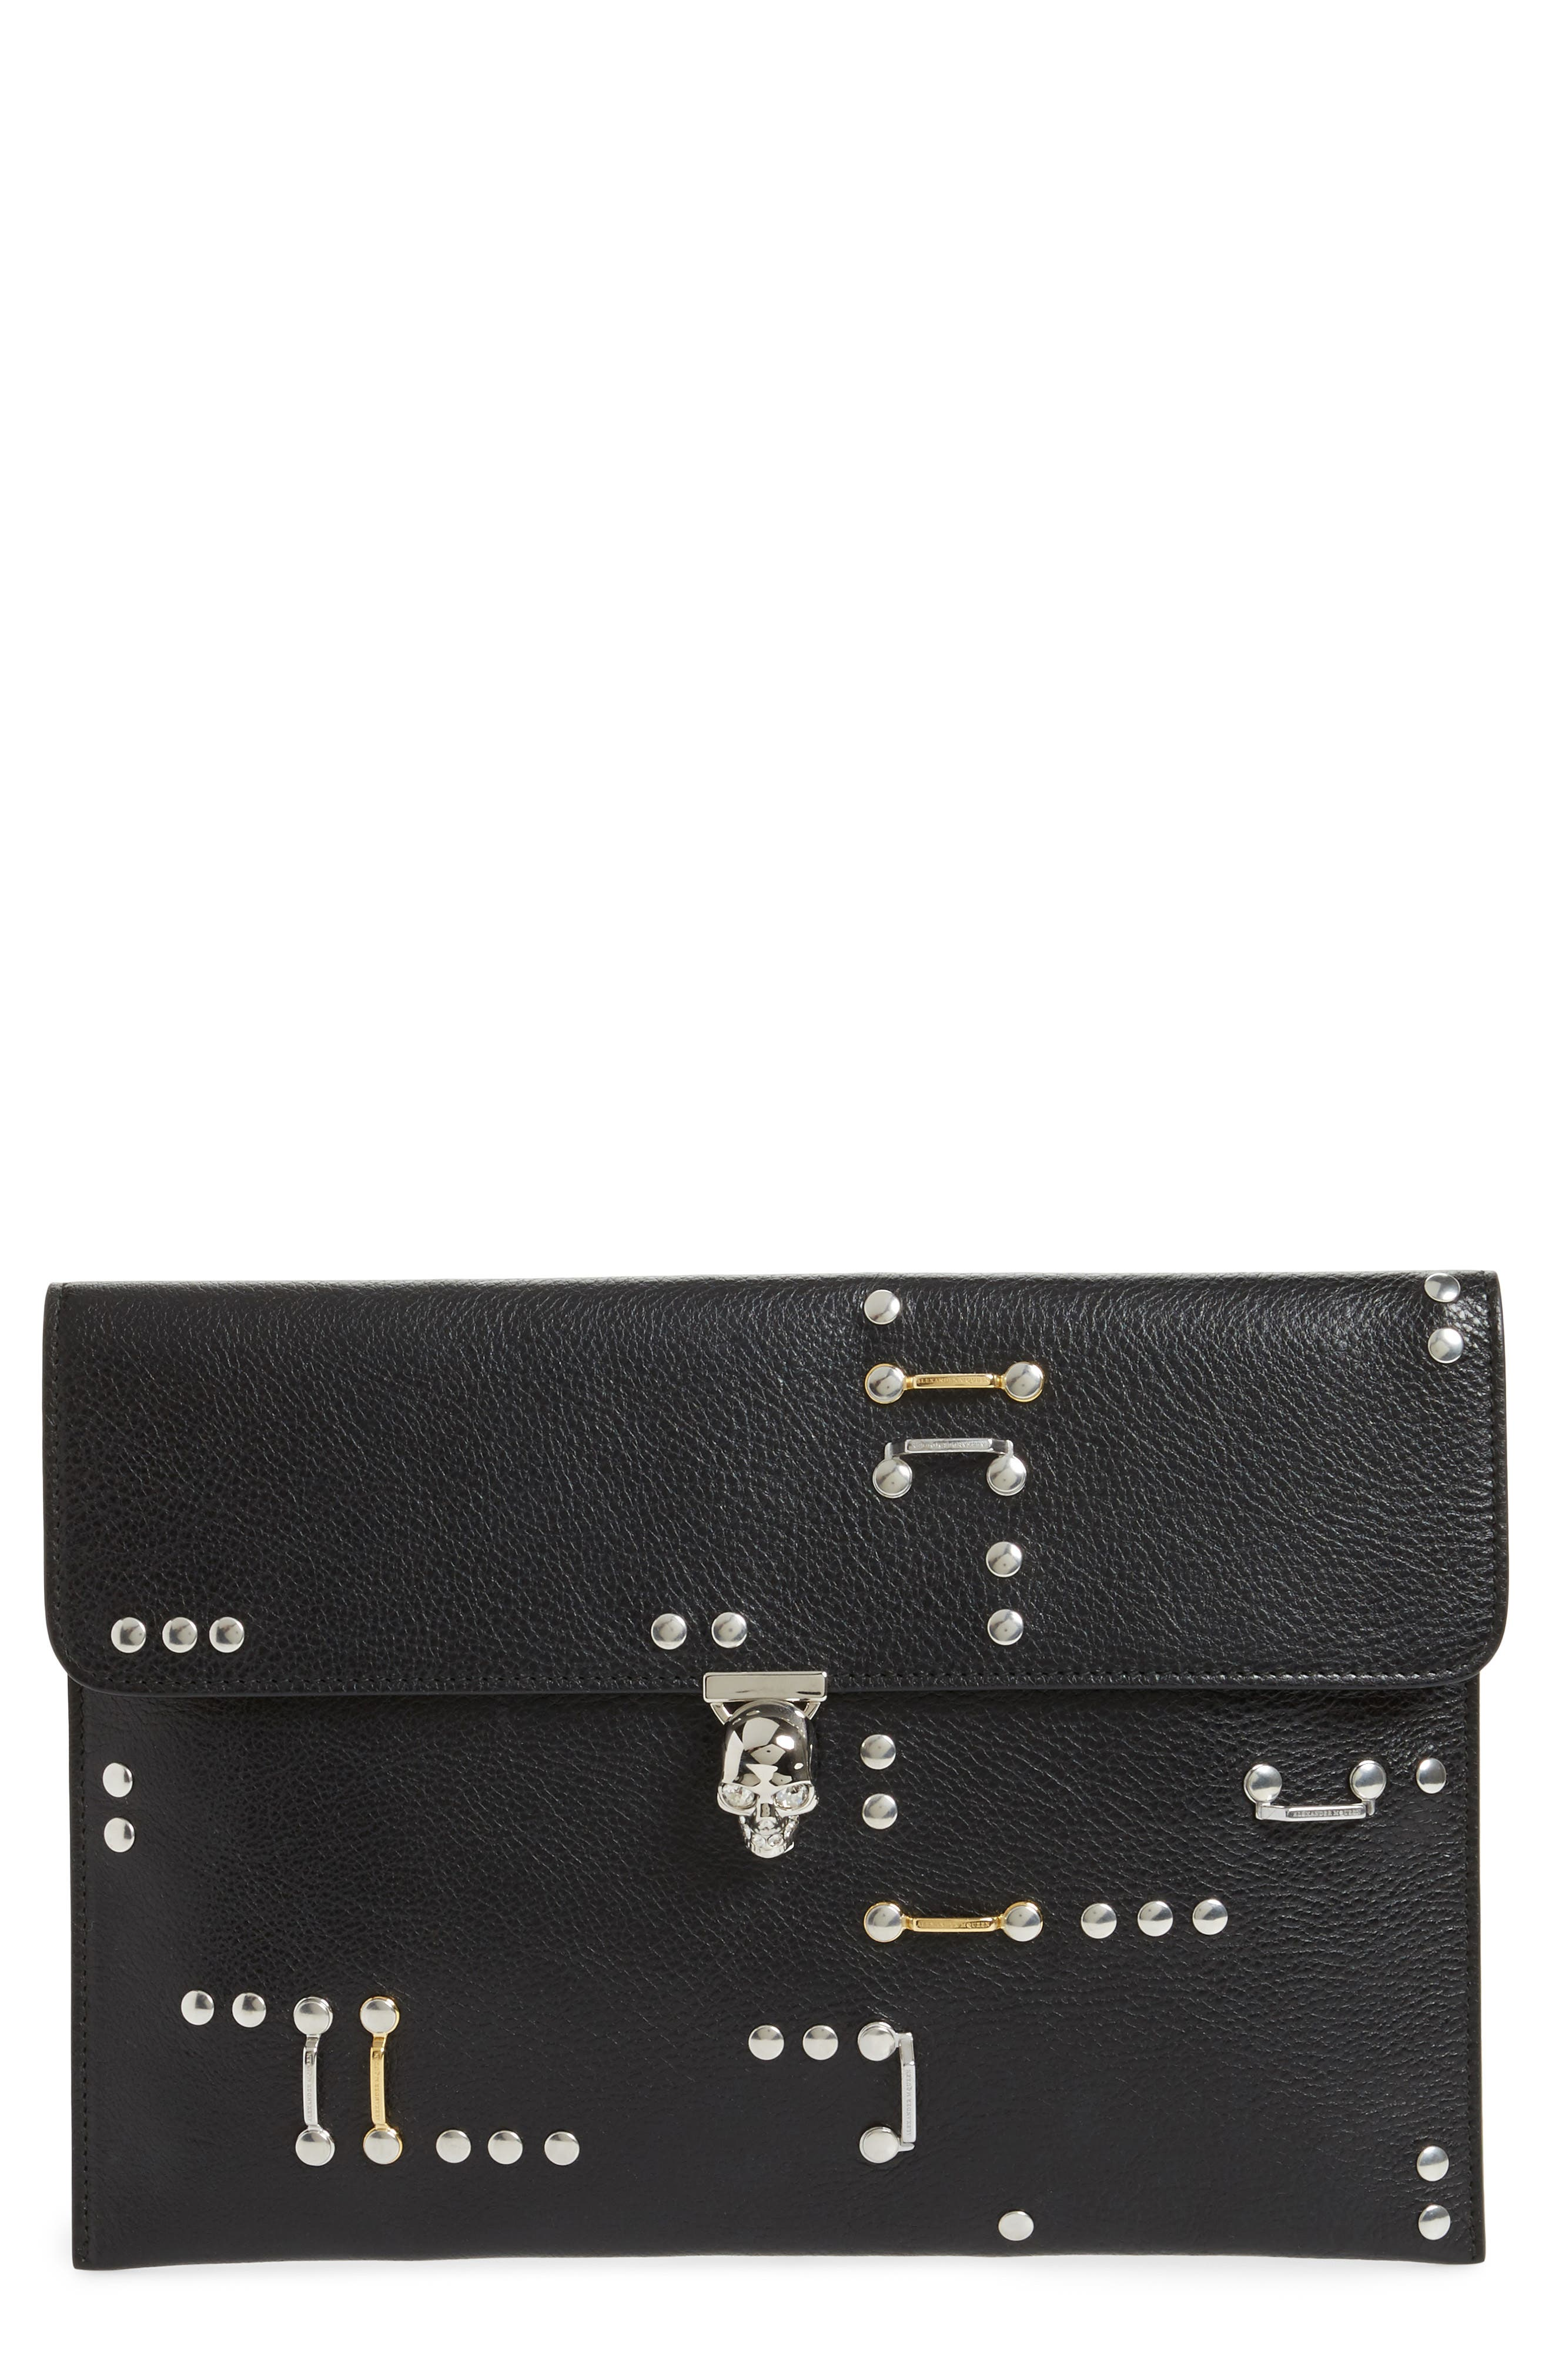 Alexander McQueen Studded Calfskin Leather Envelope Clutch